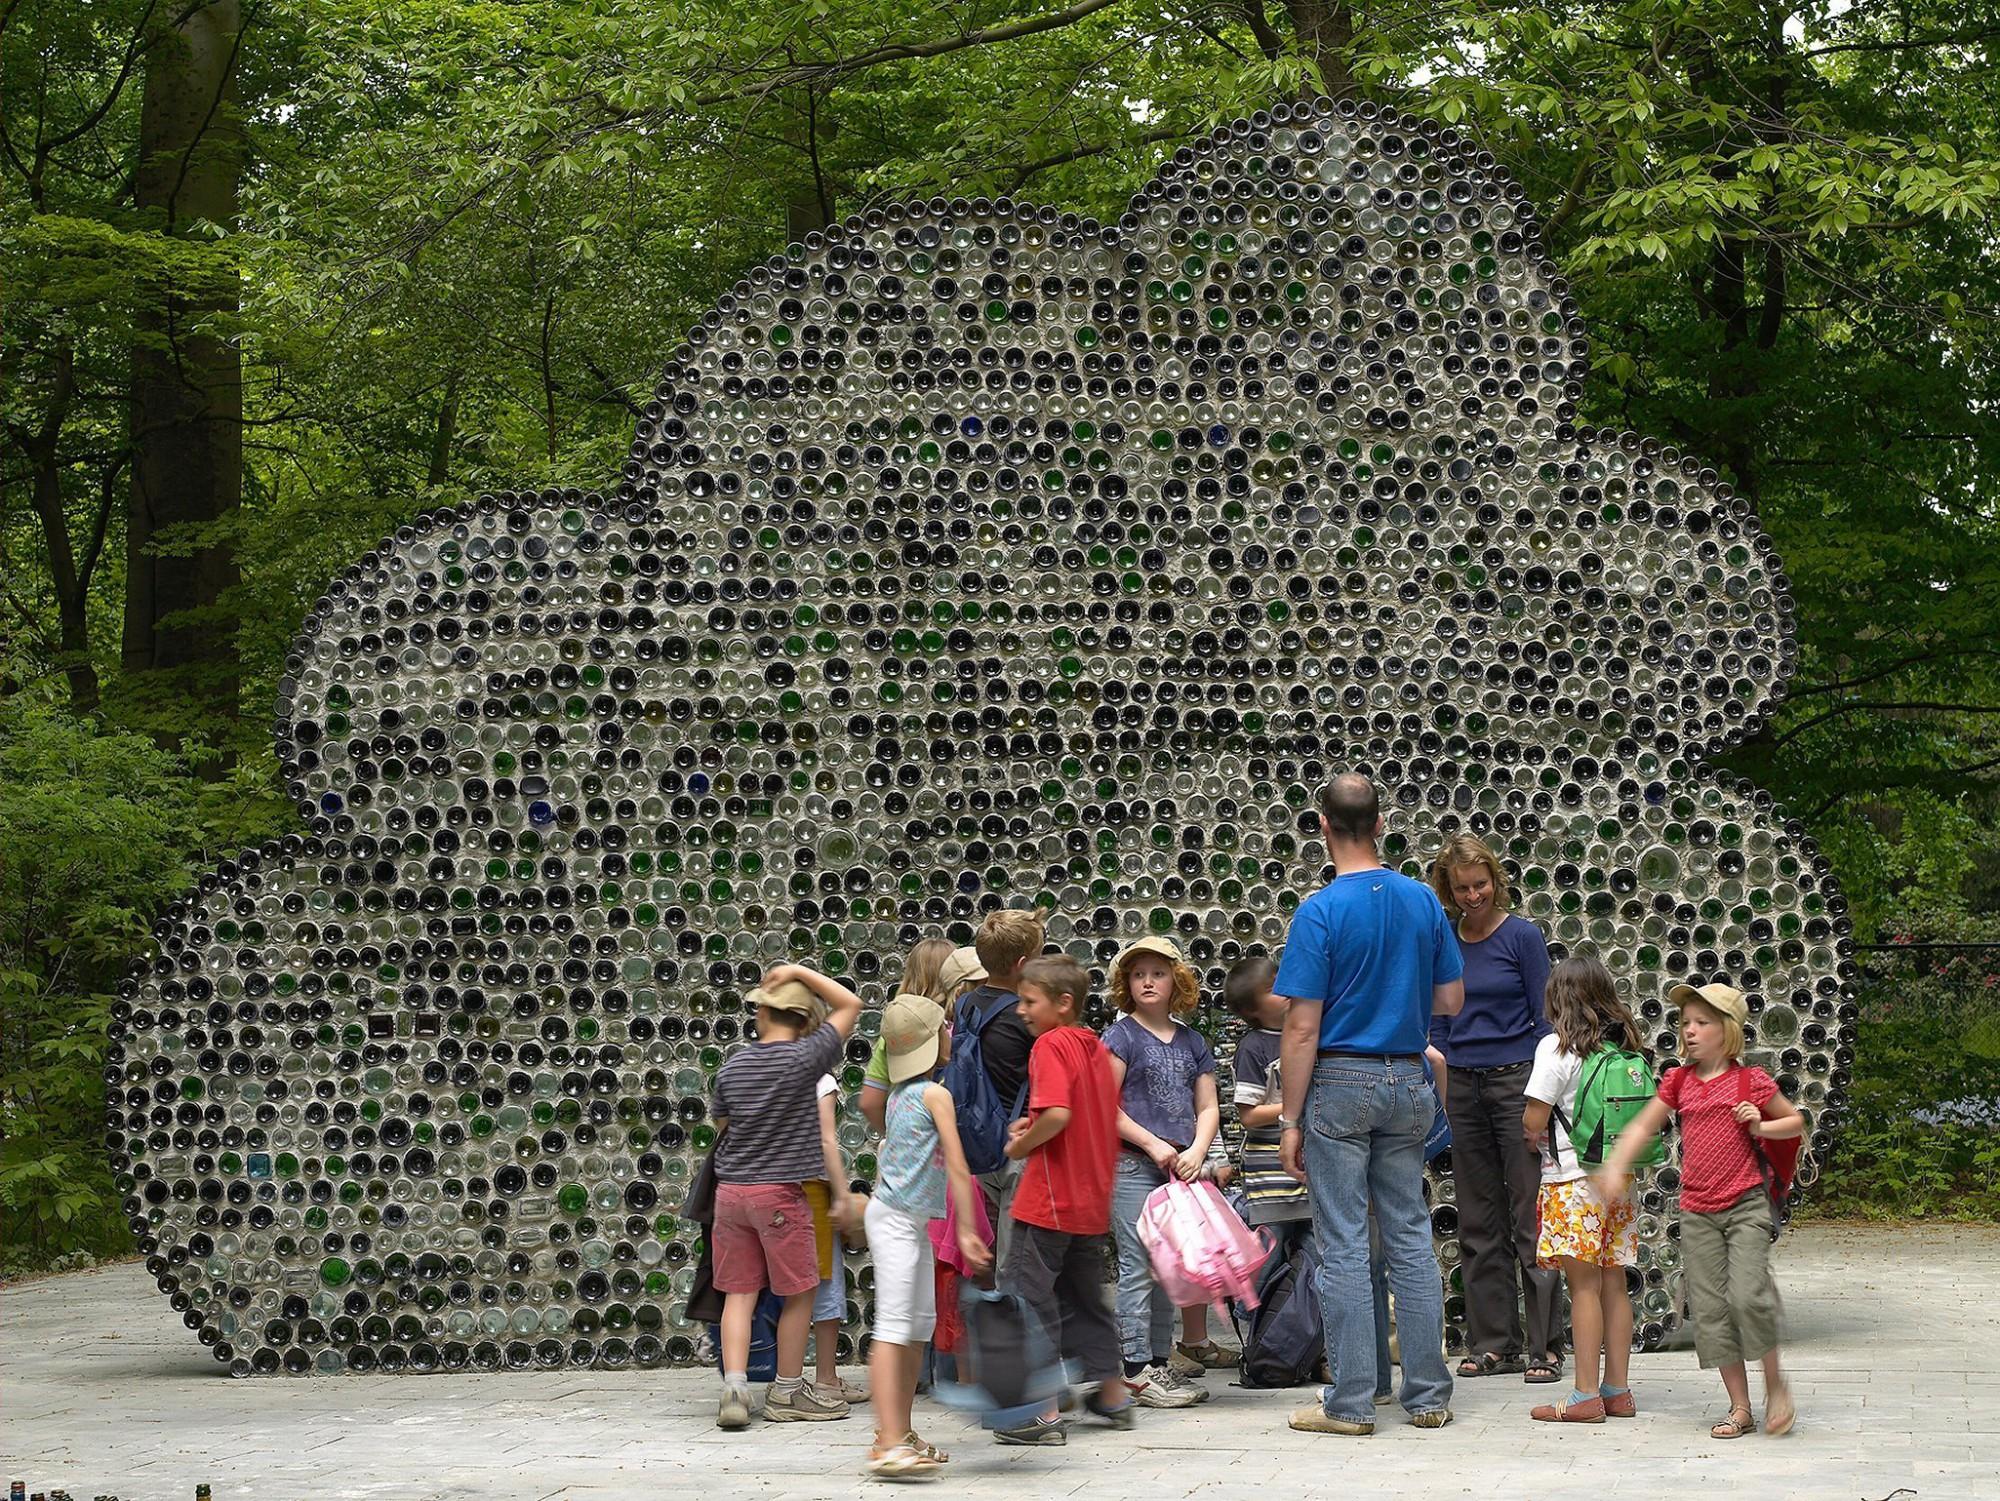 Afbeelding: Sculptuur uit glazen flessen, Middelheim Antwerpen © Luk Van Soom.